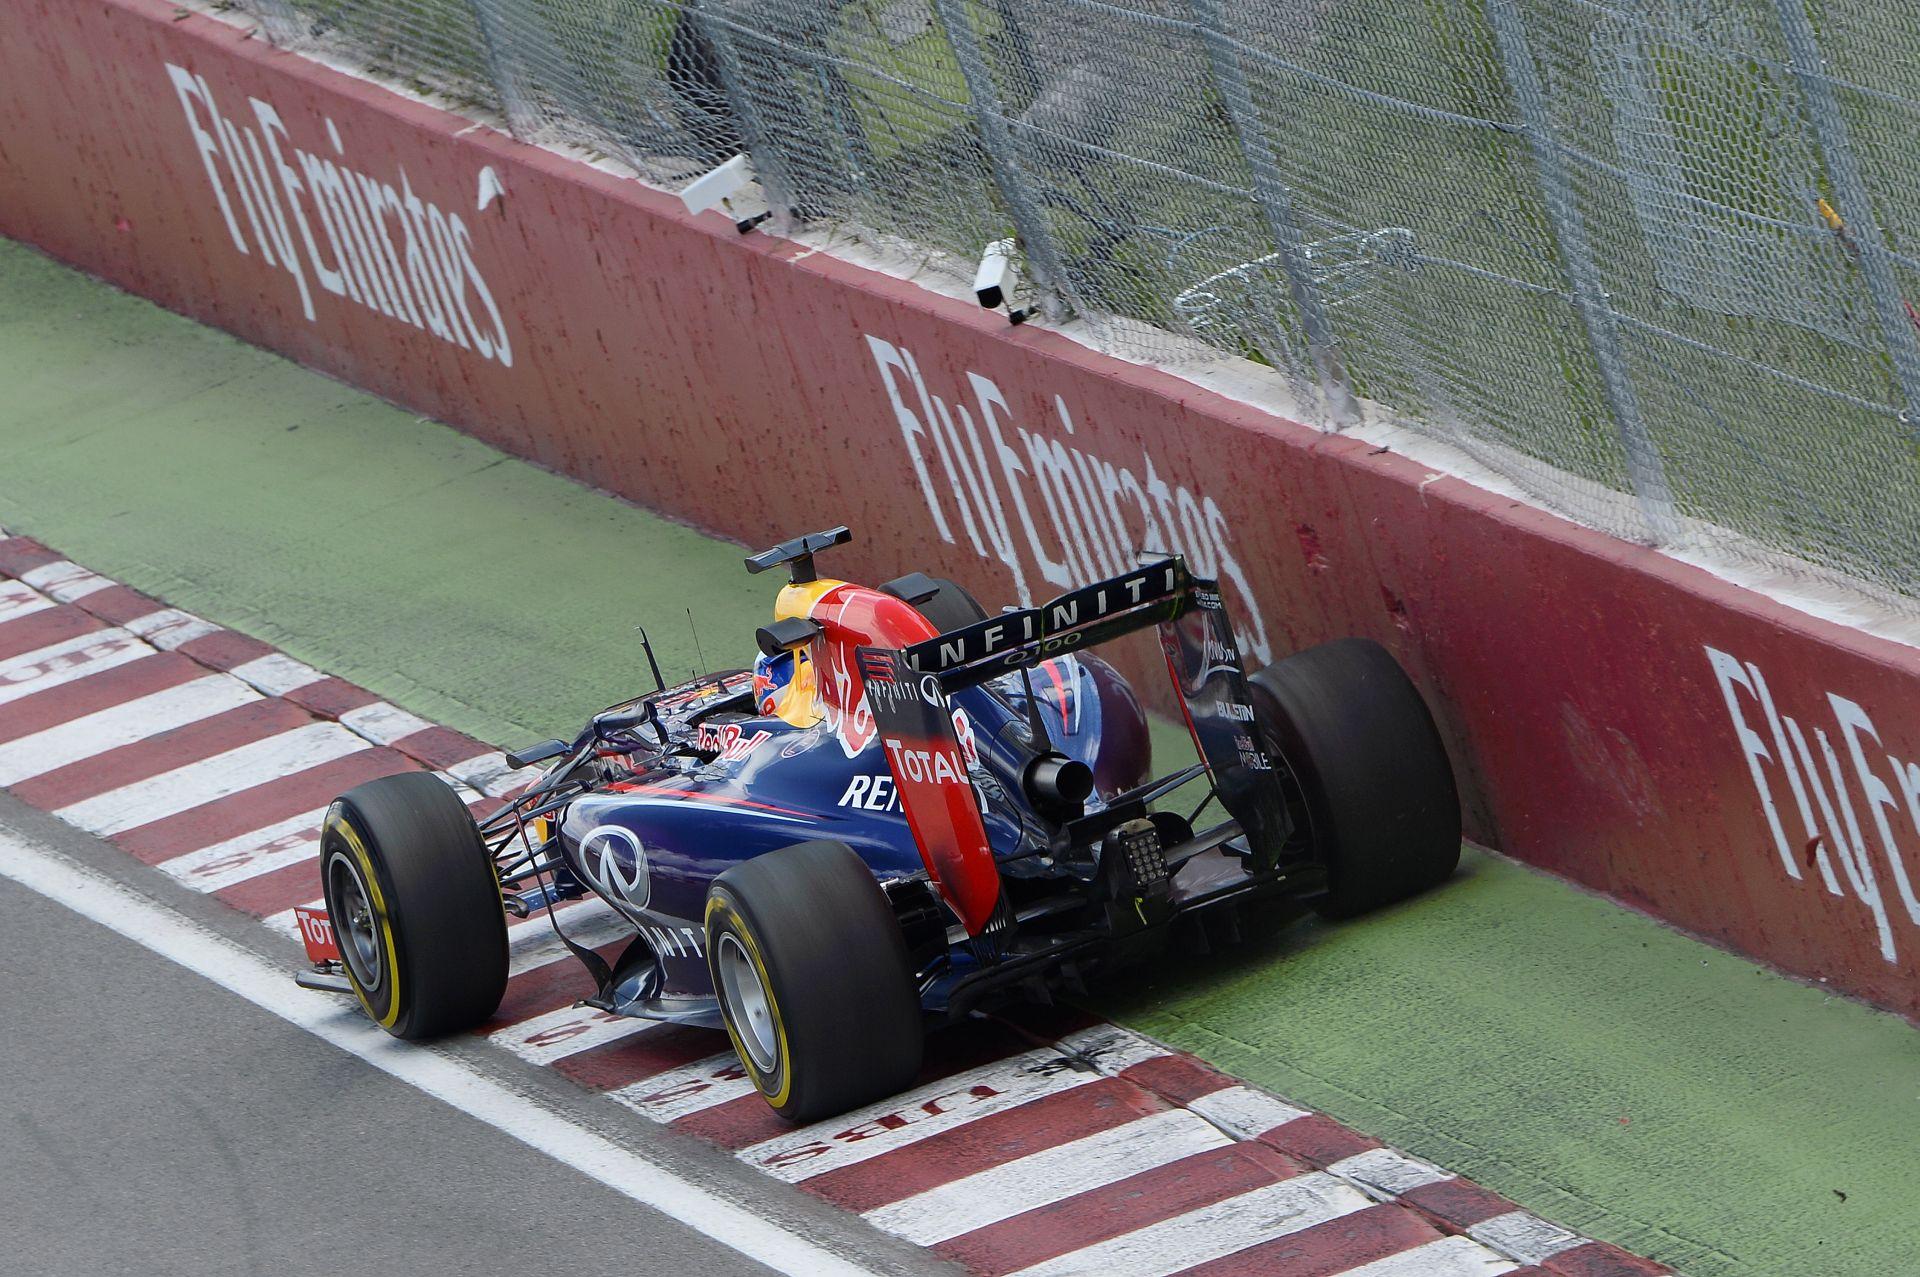 Vettel és Kobayashi is egy cserére a büntetéstől: pengeélen az alkatrészekkel